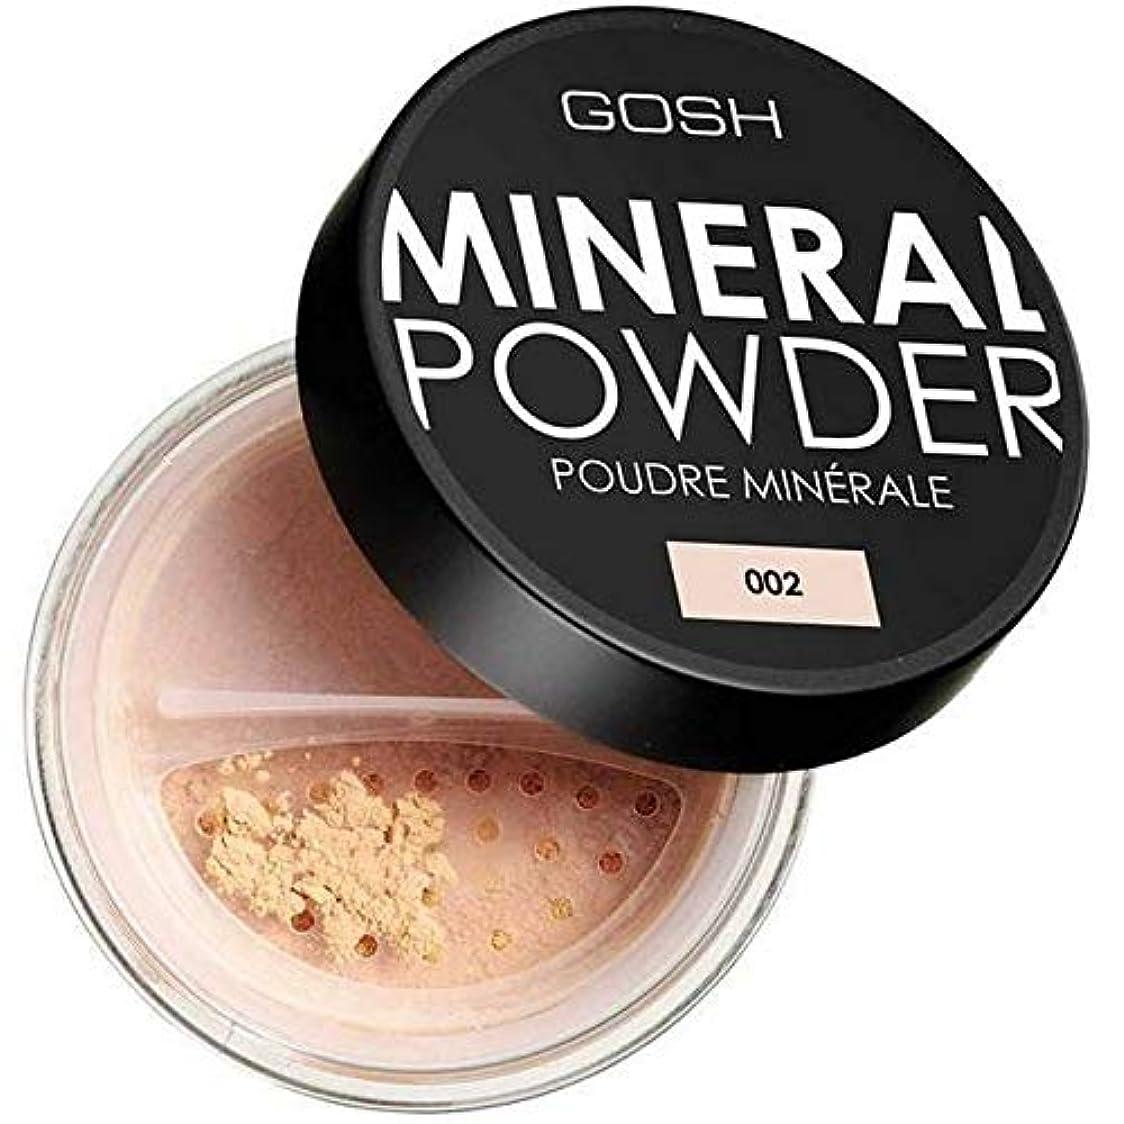 独立して処理するしない[GOSH ] おやっミネラルフルカバーファンデーションパウダーアイボリー002 - GOSH Mineral Full Coverage Foundation Powder Ivory 002 [並行輸入品]